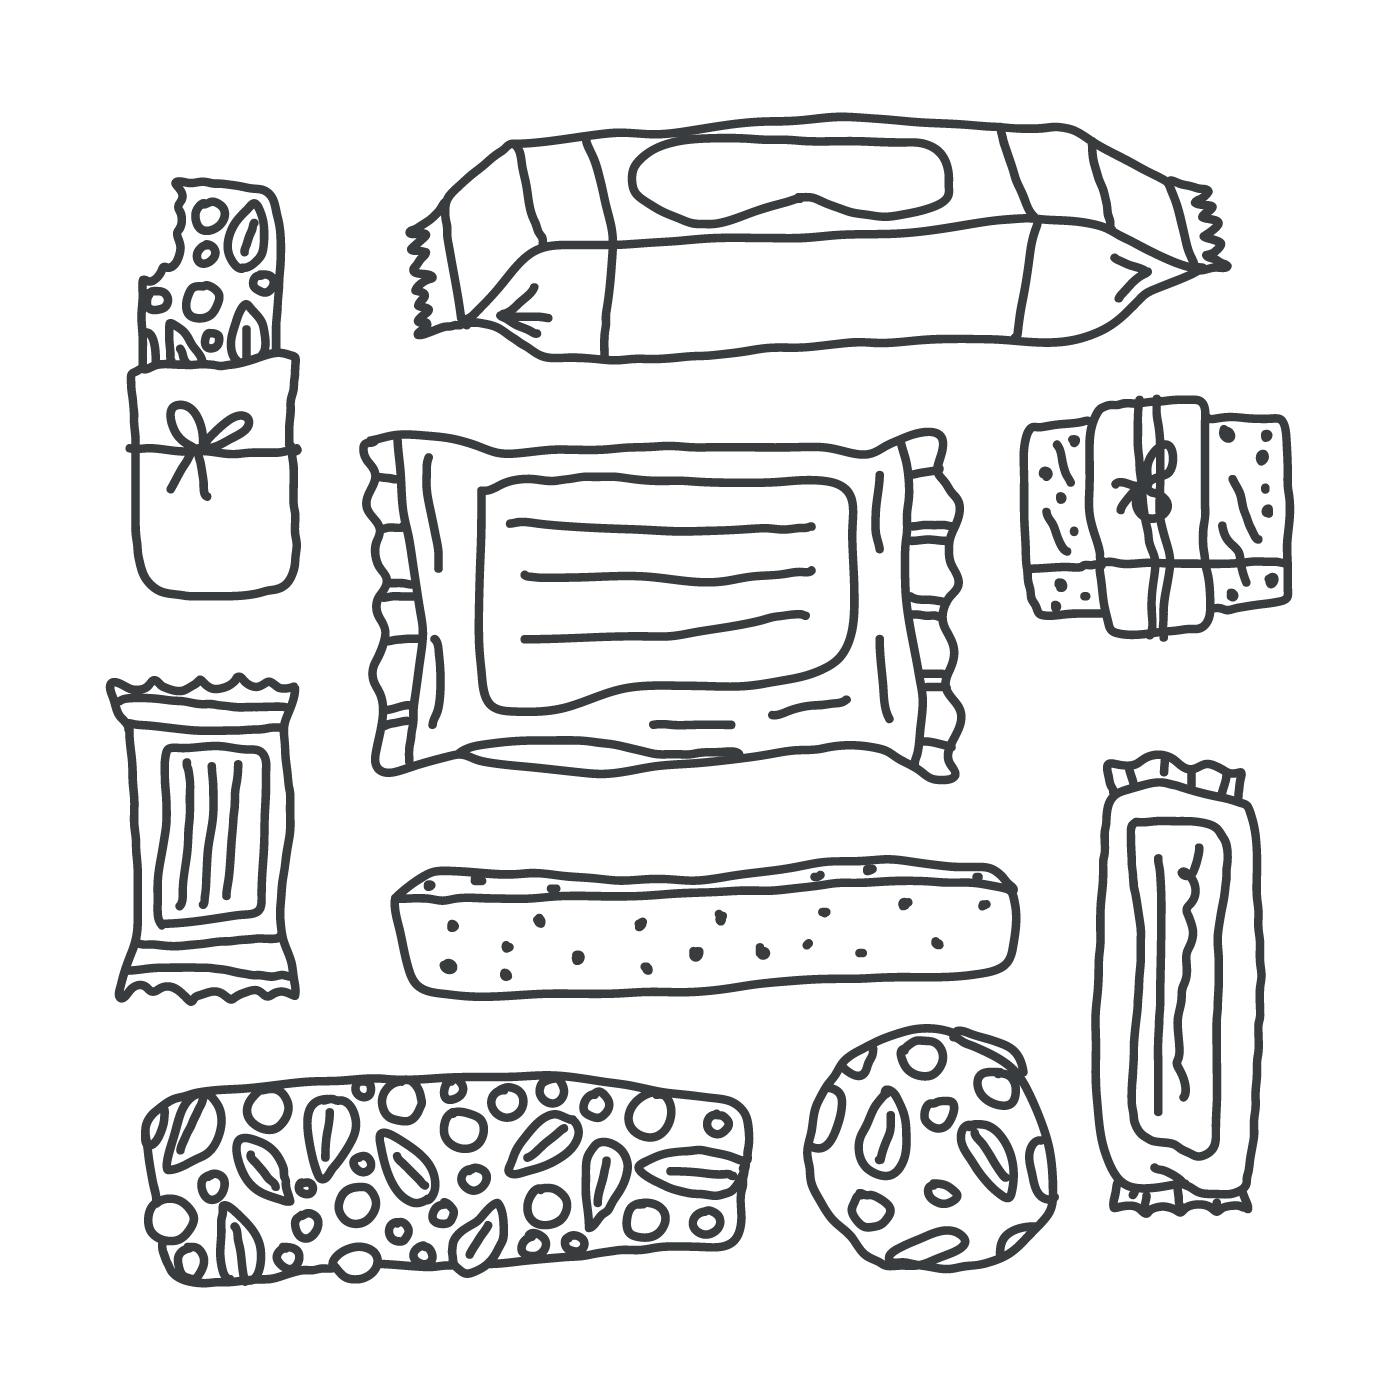 Granola Bars Drawings